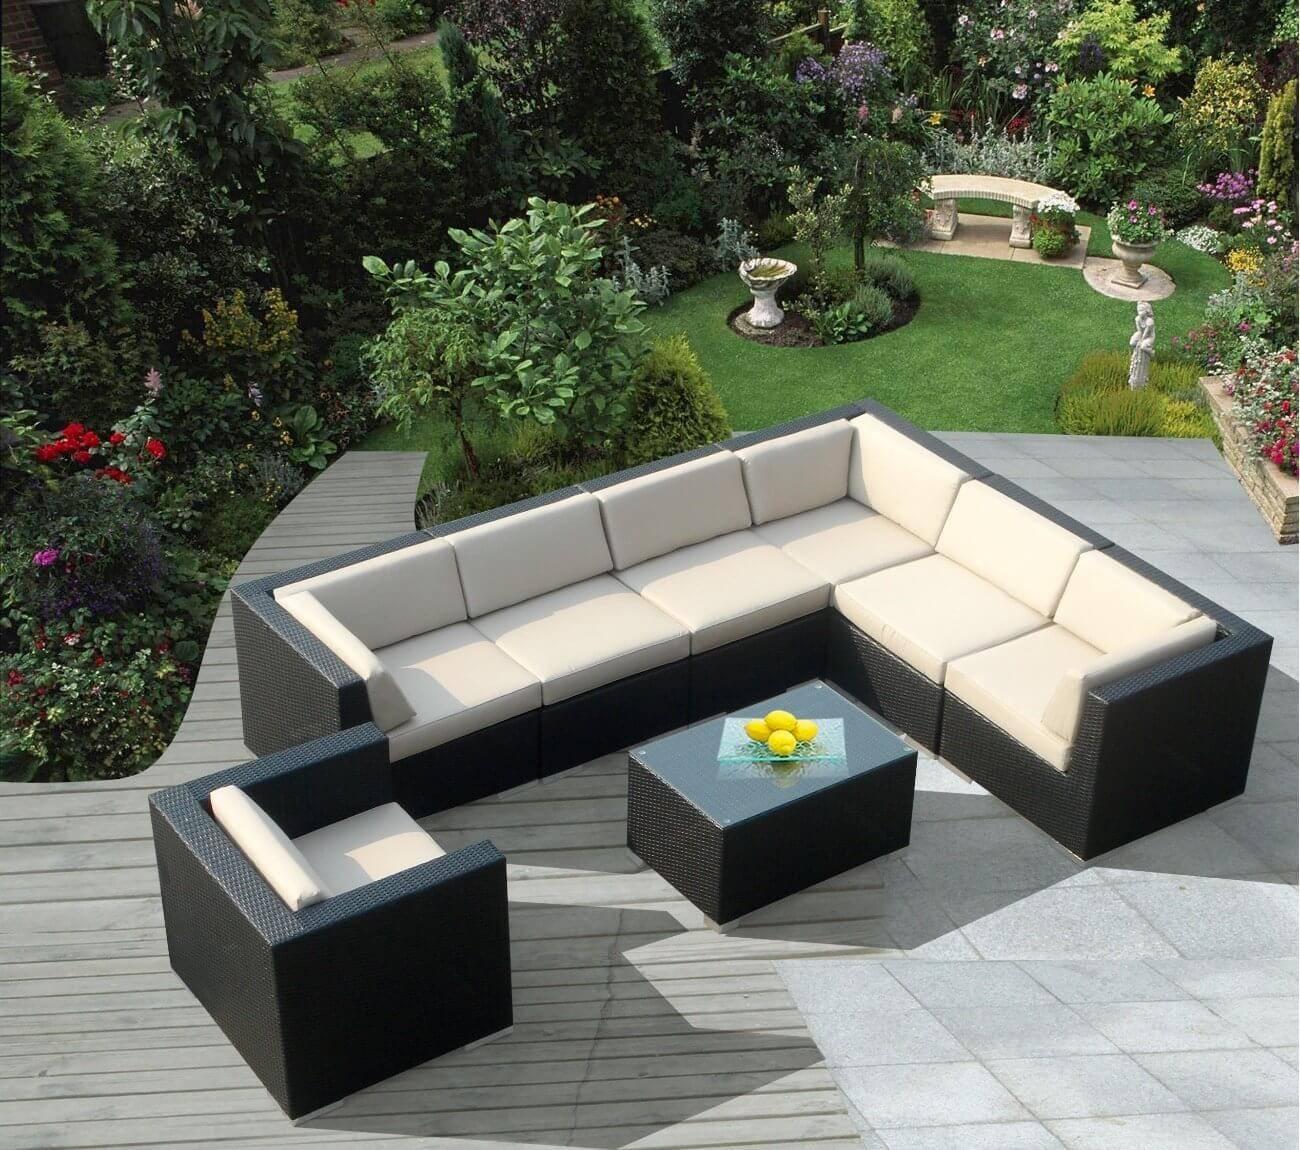 Patio: Outdoor Patio Sectional | Home Interior Design regarding Cheap Patio Sofas (Image 25 of 30)